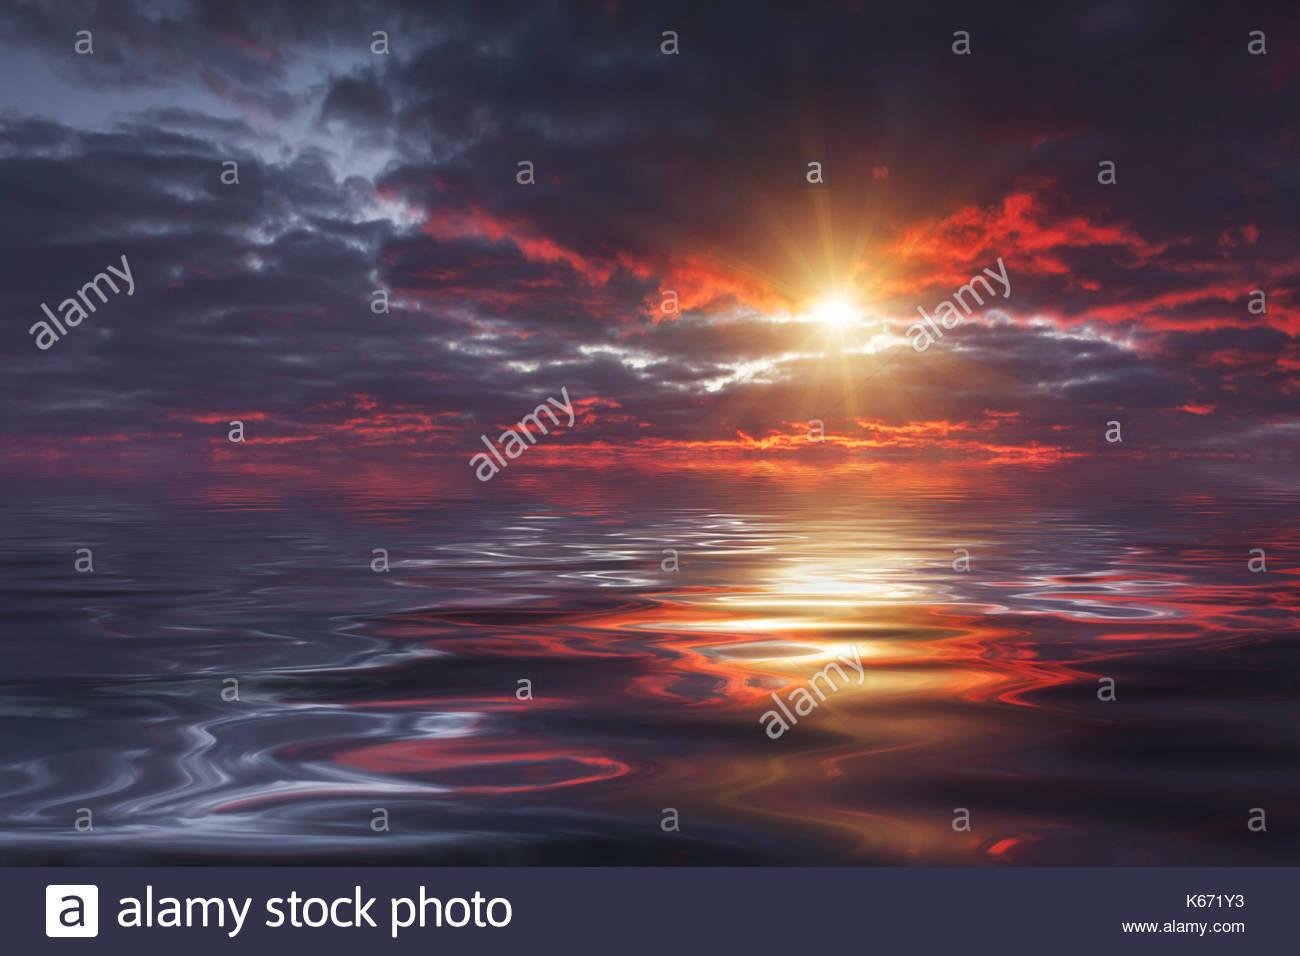 La riflessione di un bel Cielo di tramonto in acqua Immagini Stock